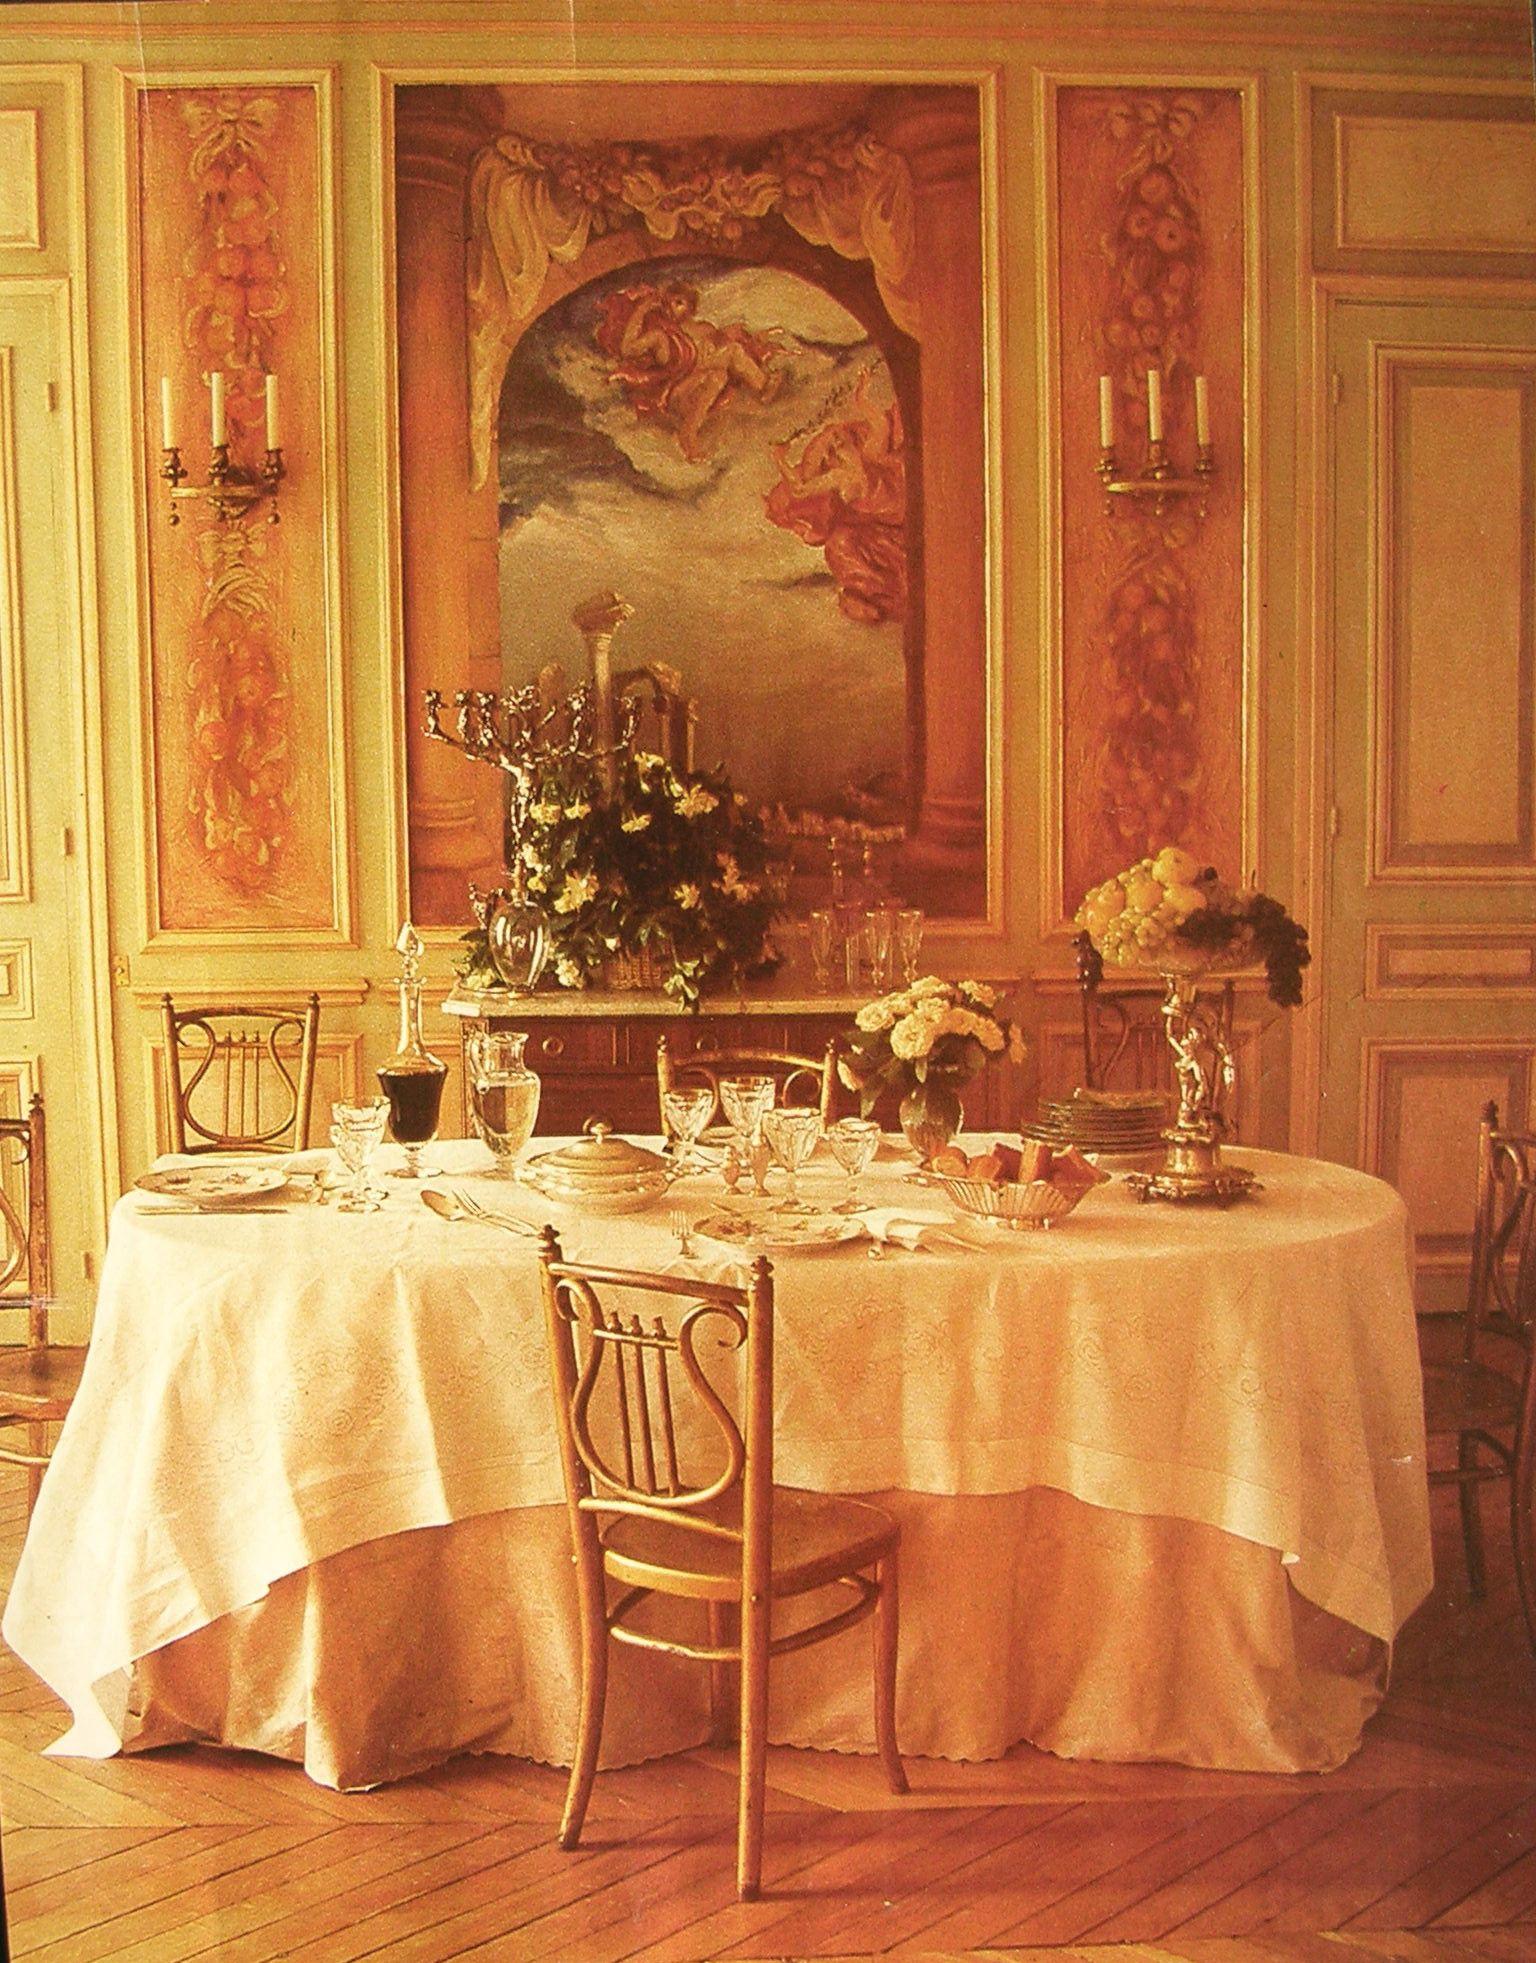 Peinture d corative dans une salle manger patines for Peinture decoration